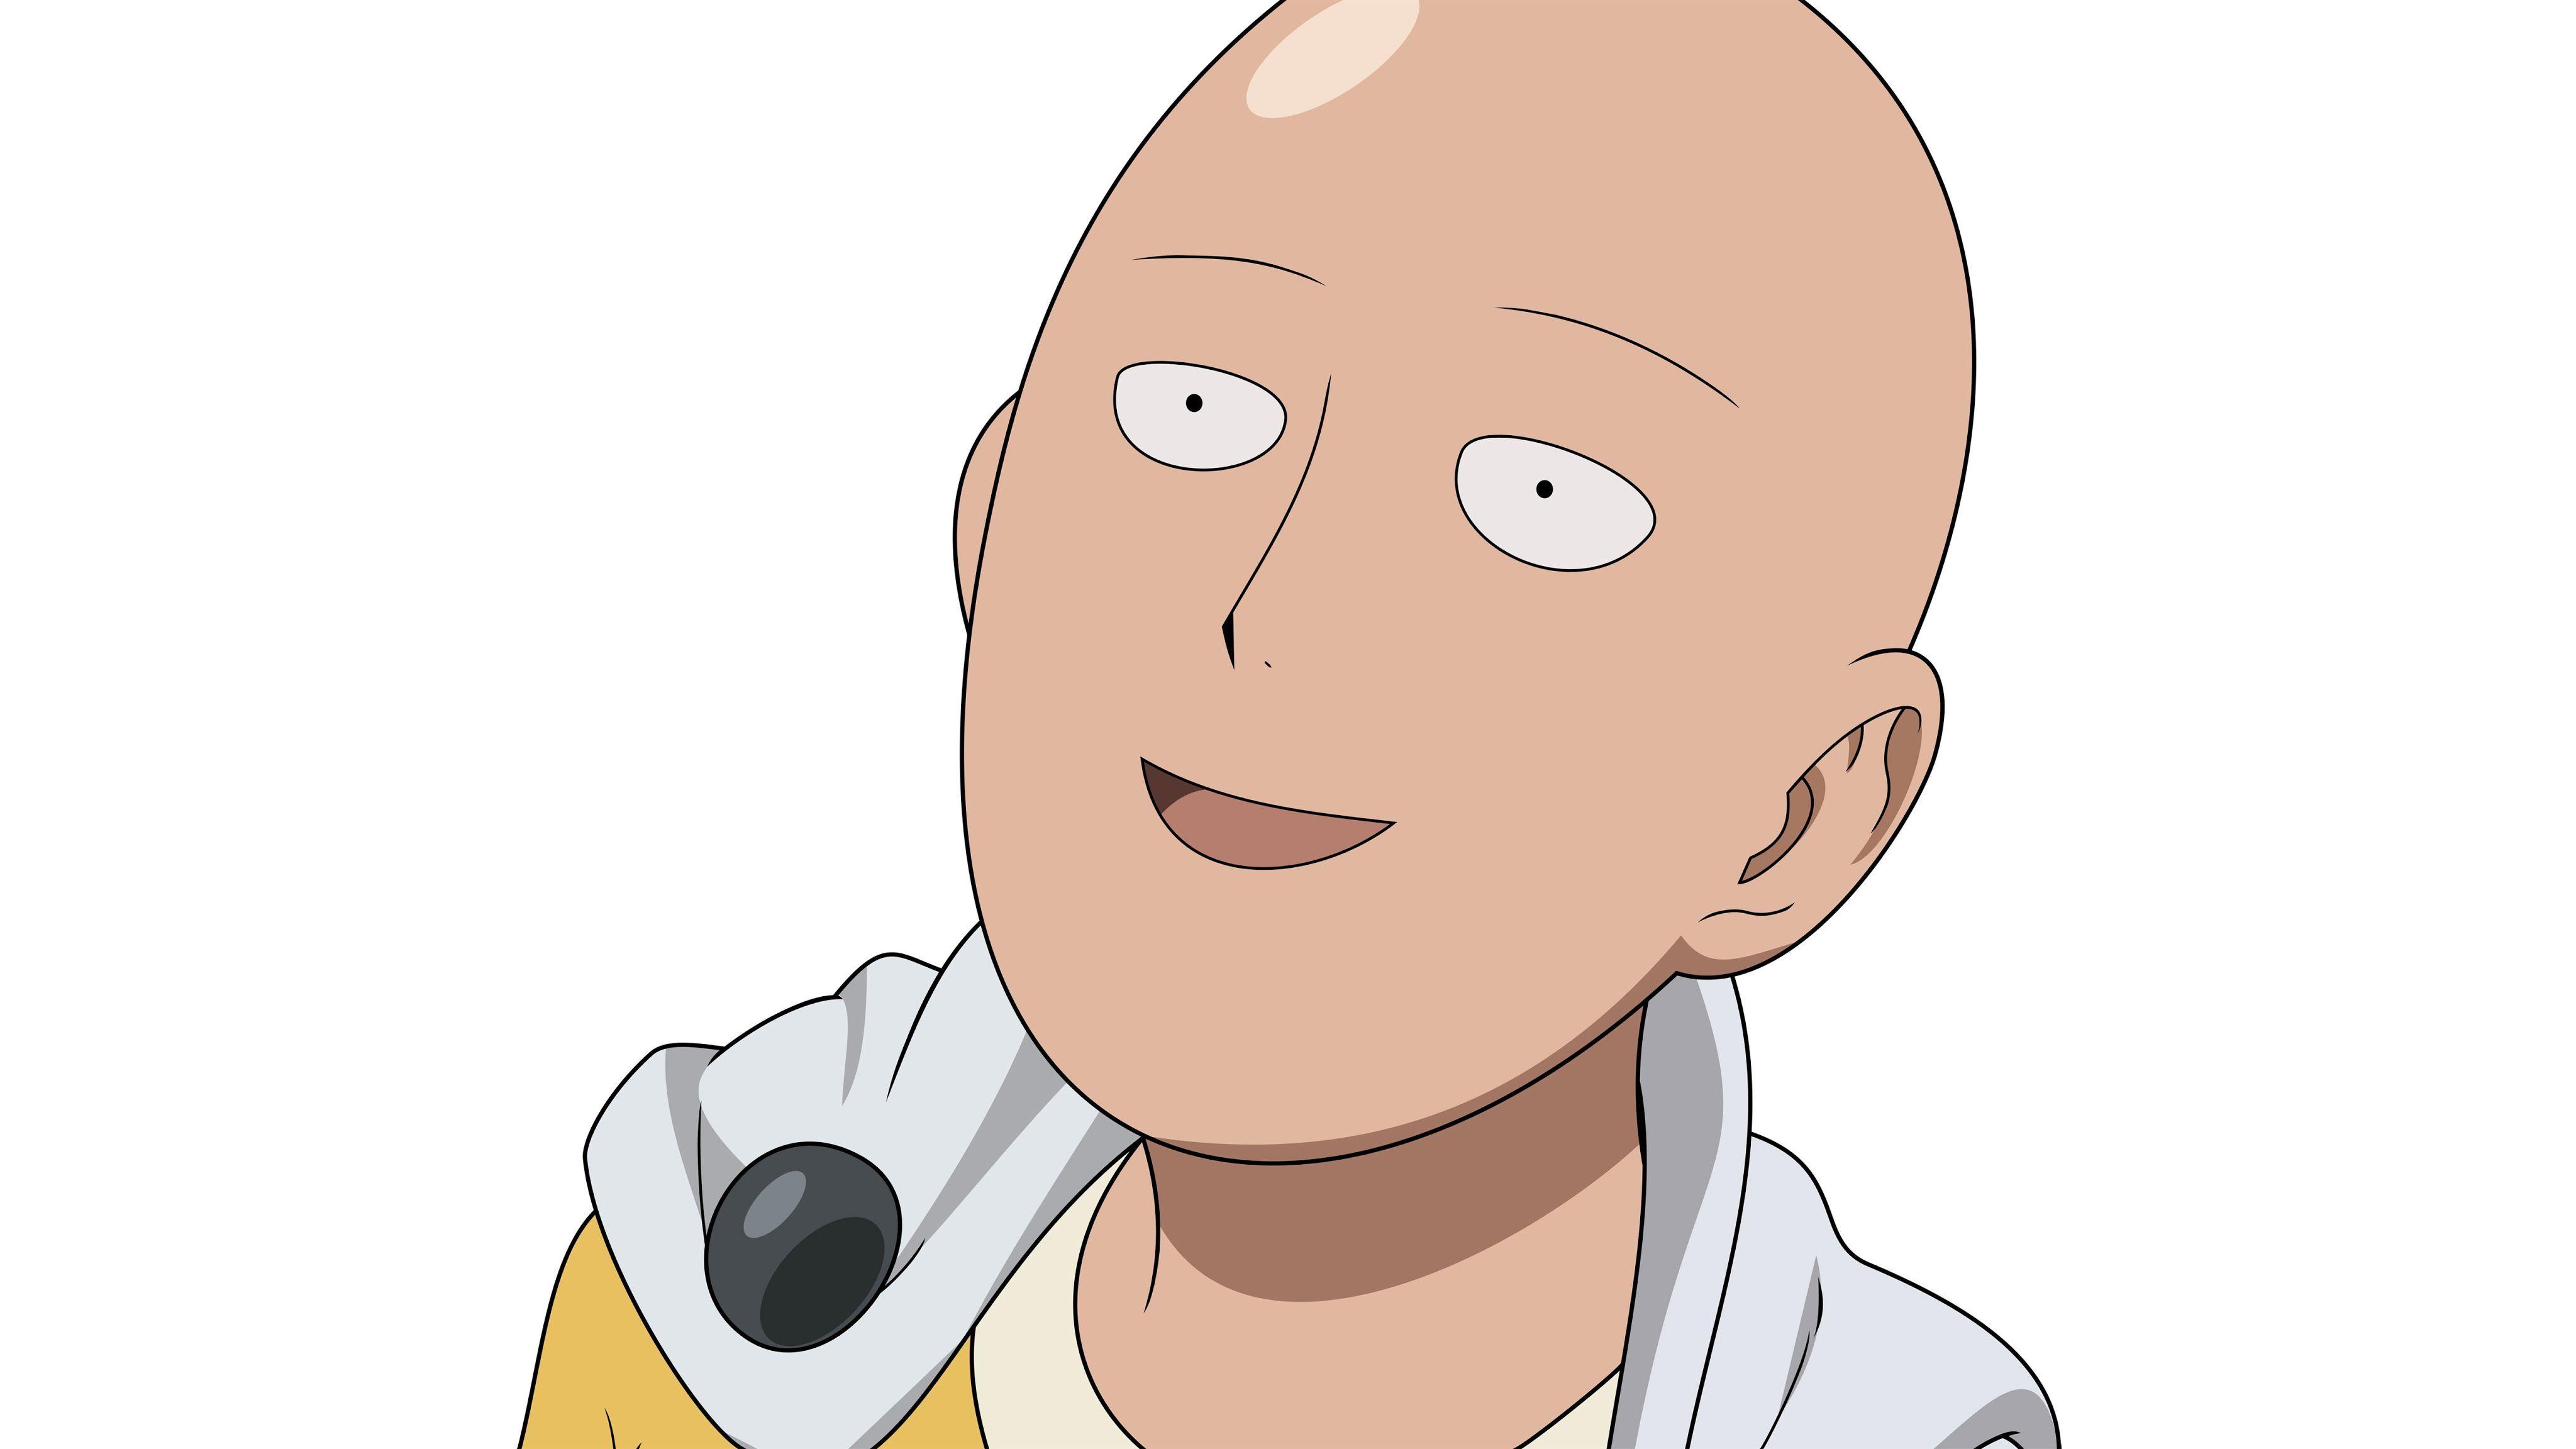 ผลการค นหาร ปภาพสำหร บ ร ป การ ต น ไซตามะ One Punch Man Funny One Punch Man Anime One Punch Man